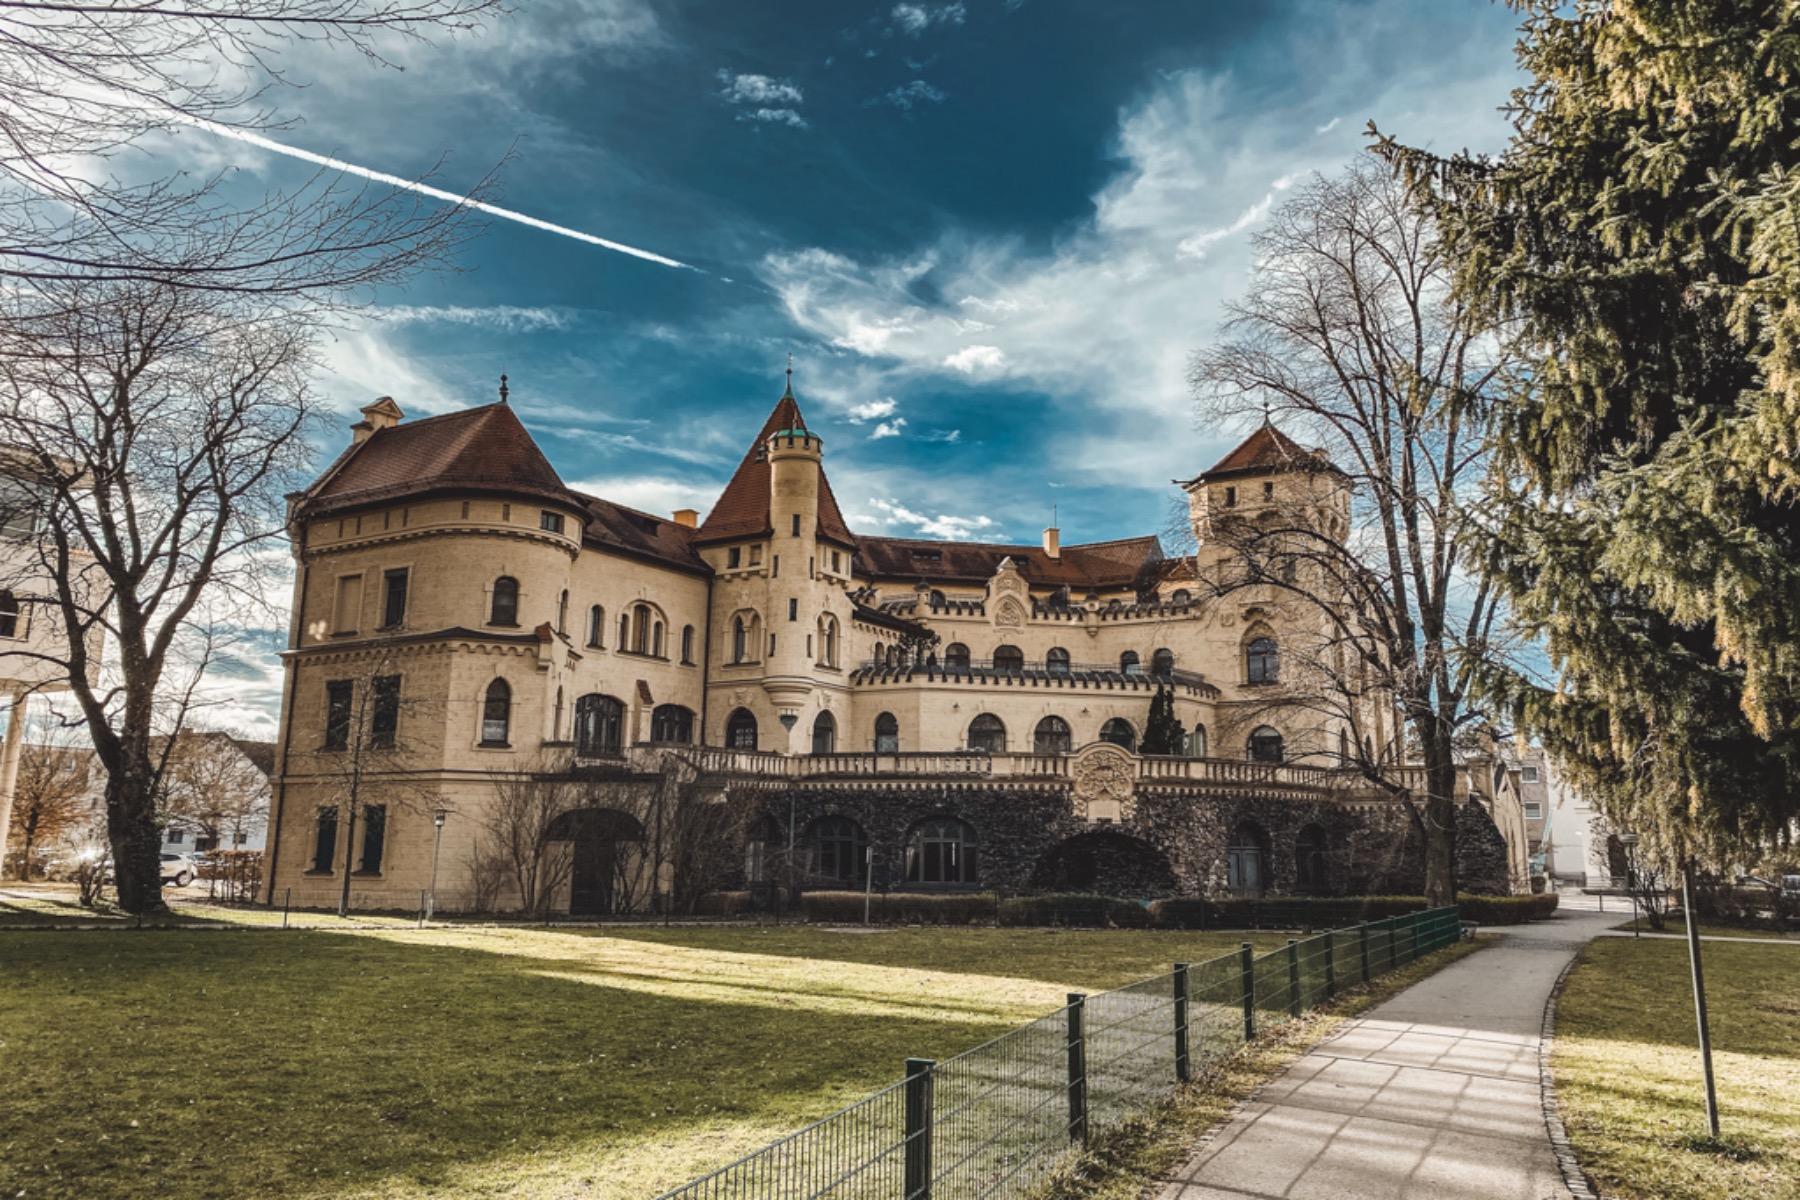 Die Hessingburg wurde im Rotheburger Stil erbaut und ist mit Türmen und Türmchen geschmückt.